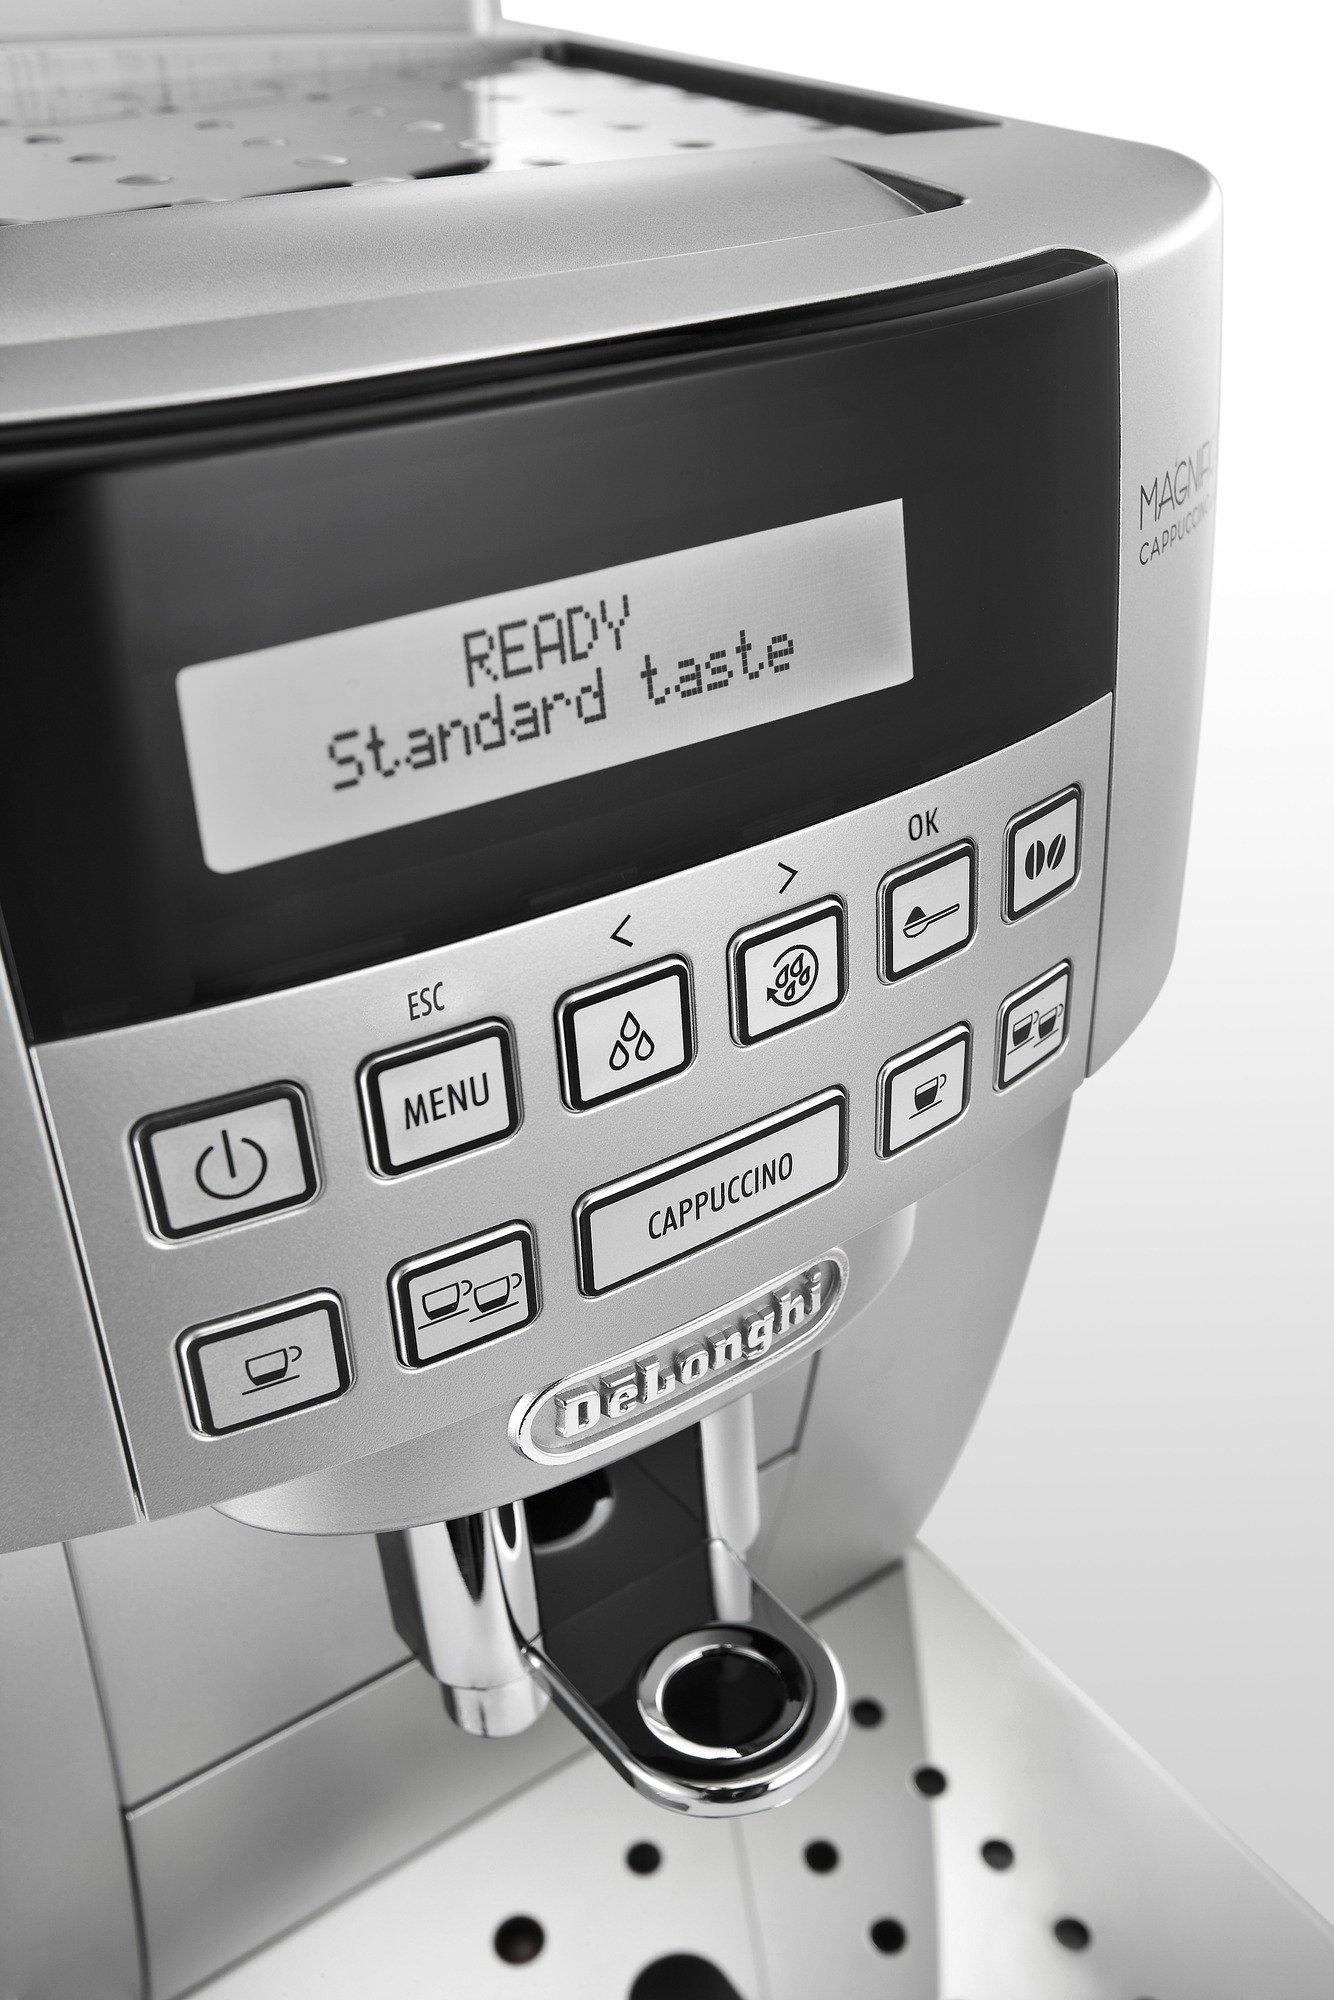 DeLonghi-ECAM-22360S-Kaffee-Vollautomat-18-Liter-15-bar-1450-Watt-Milchbehlter-silber